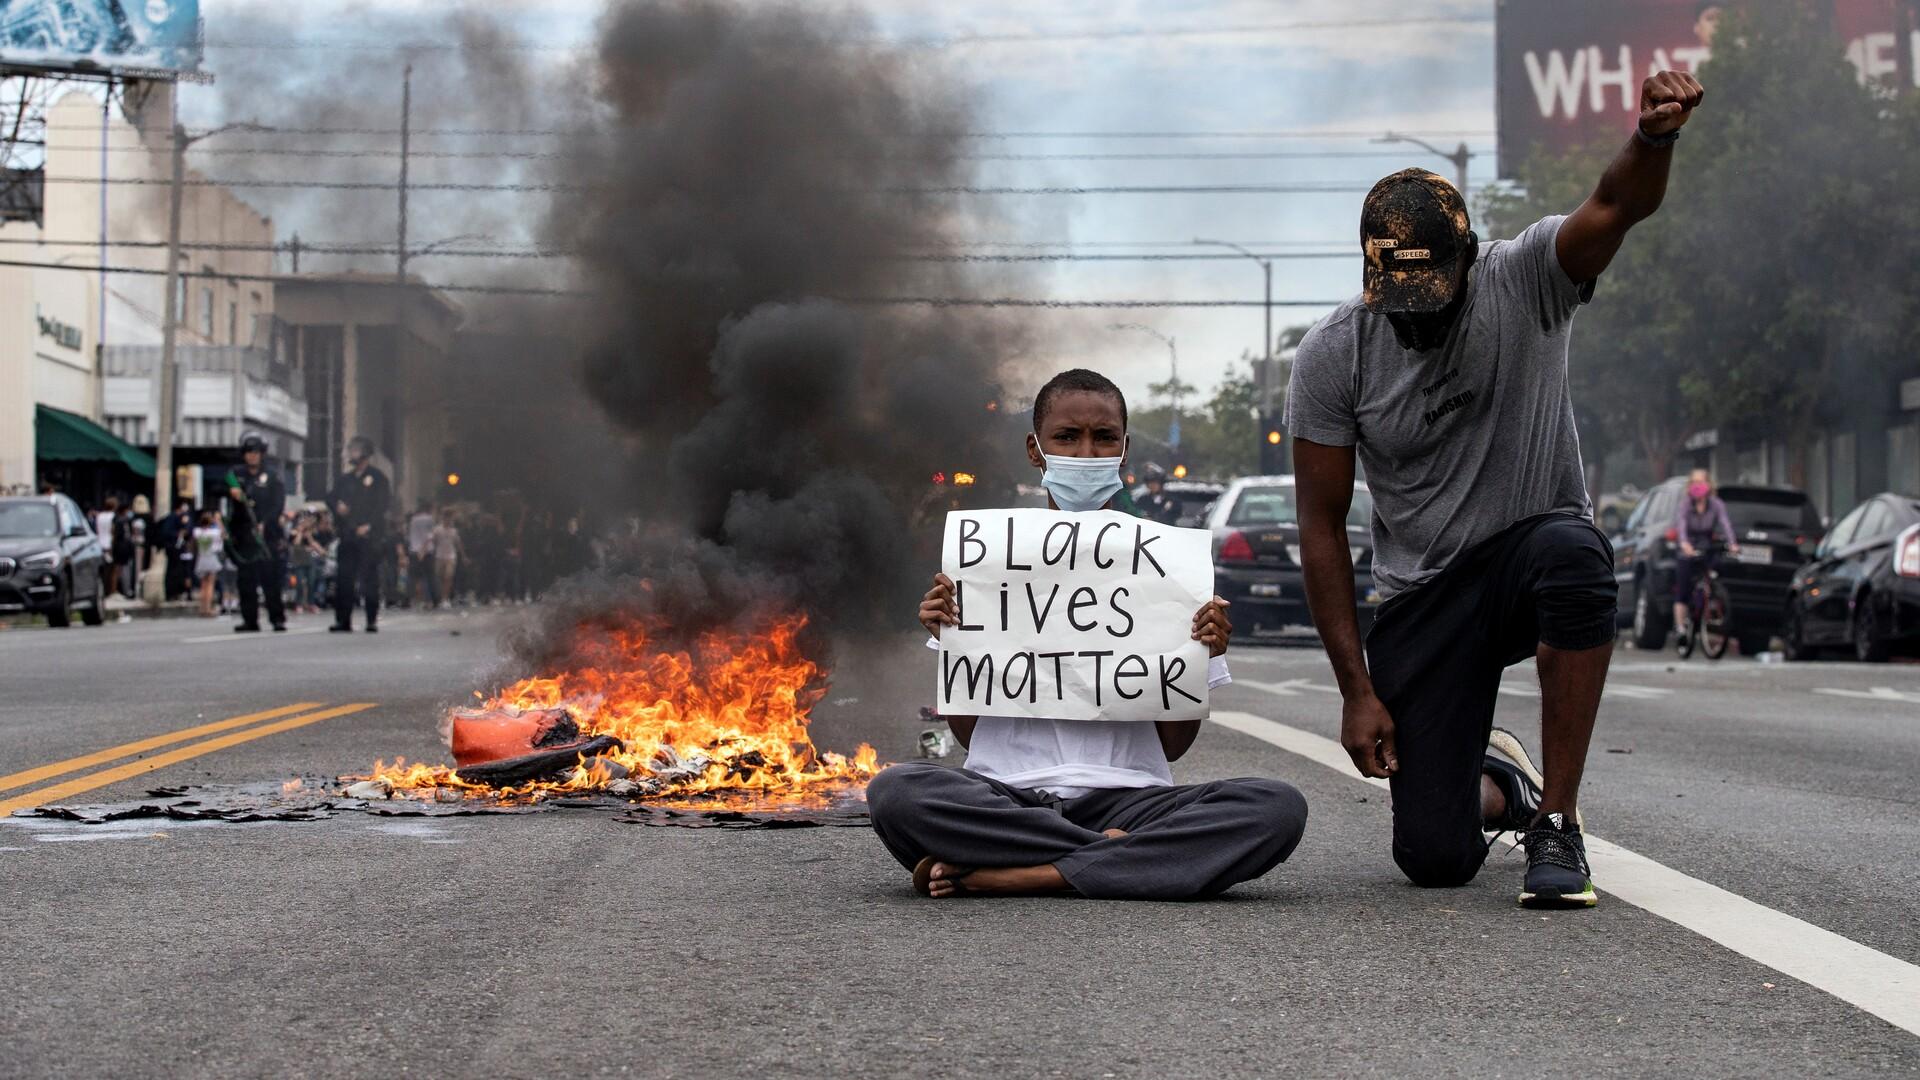 Vincent Hendricks i ny artikelserie: Racisme – med STORT og med småt